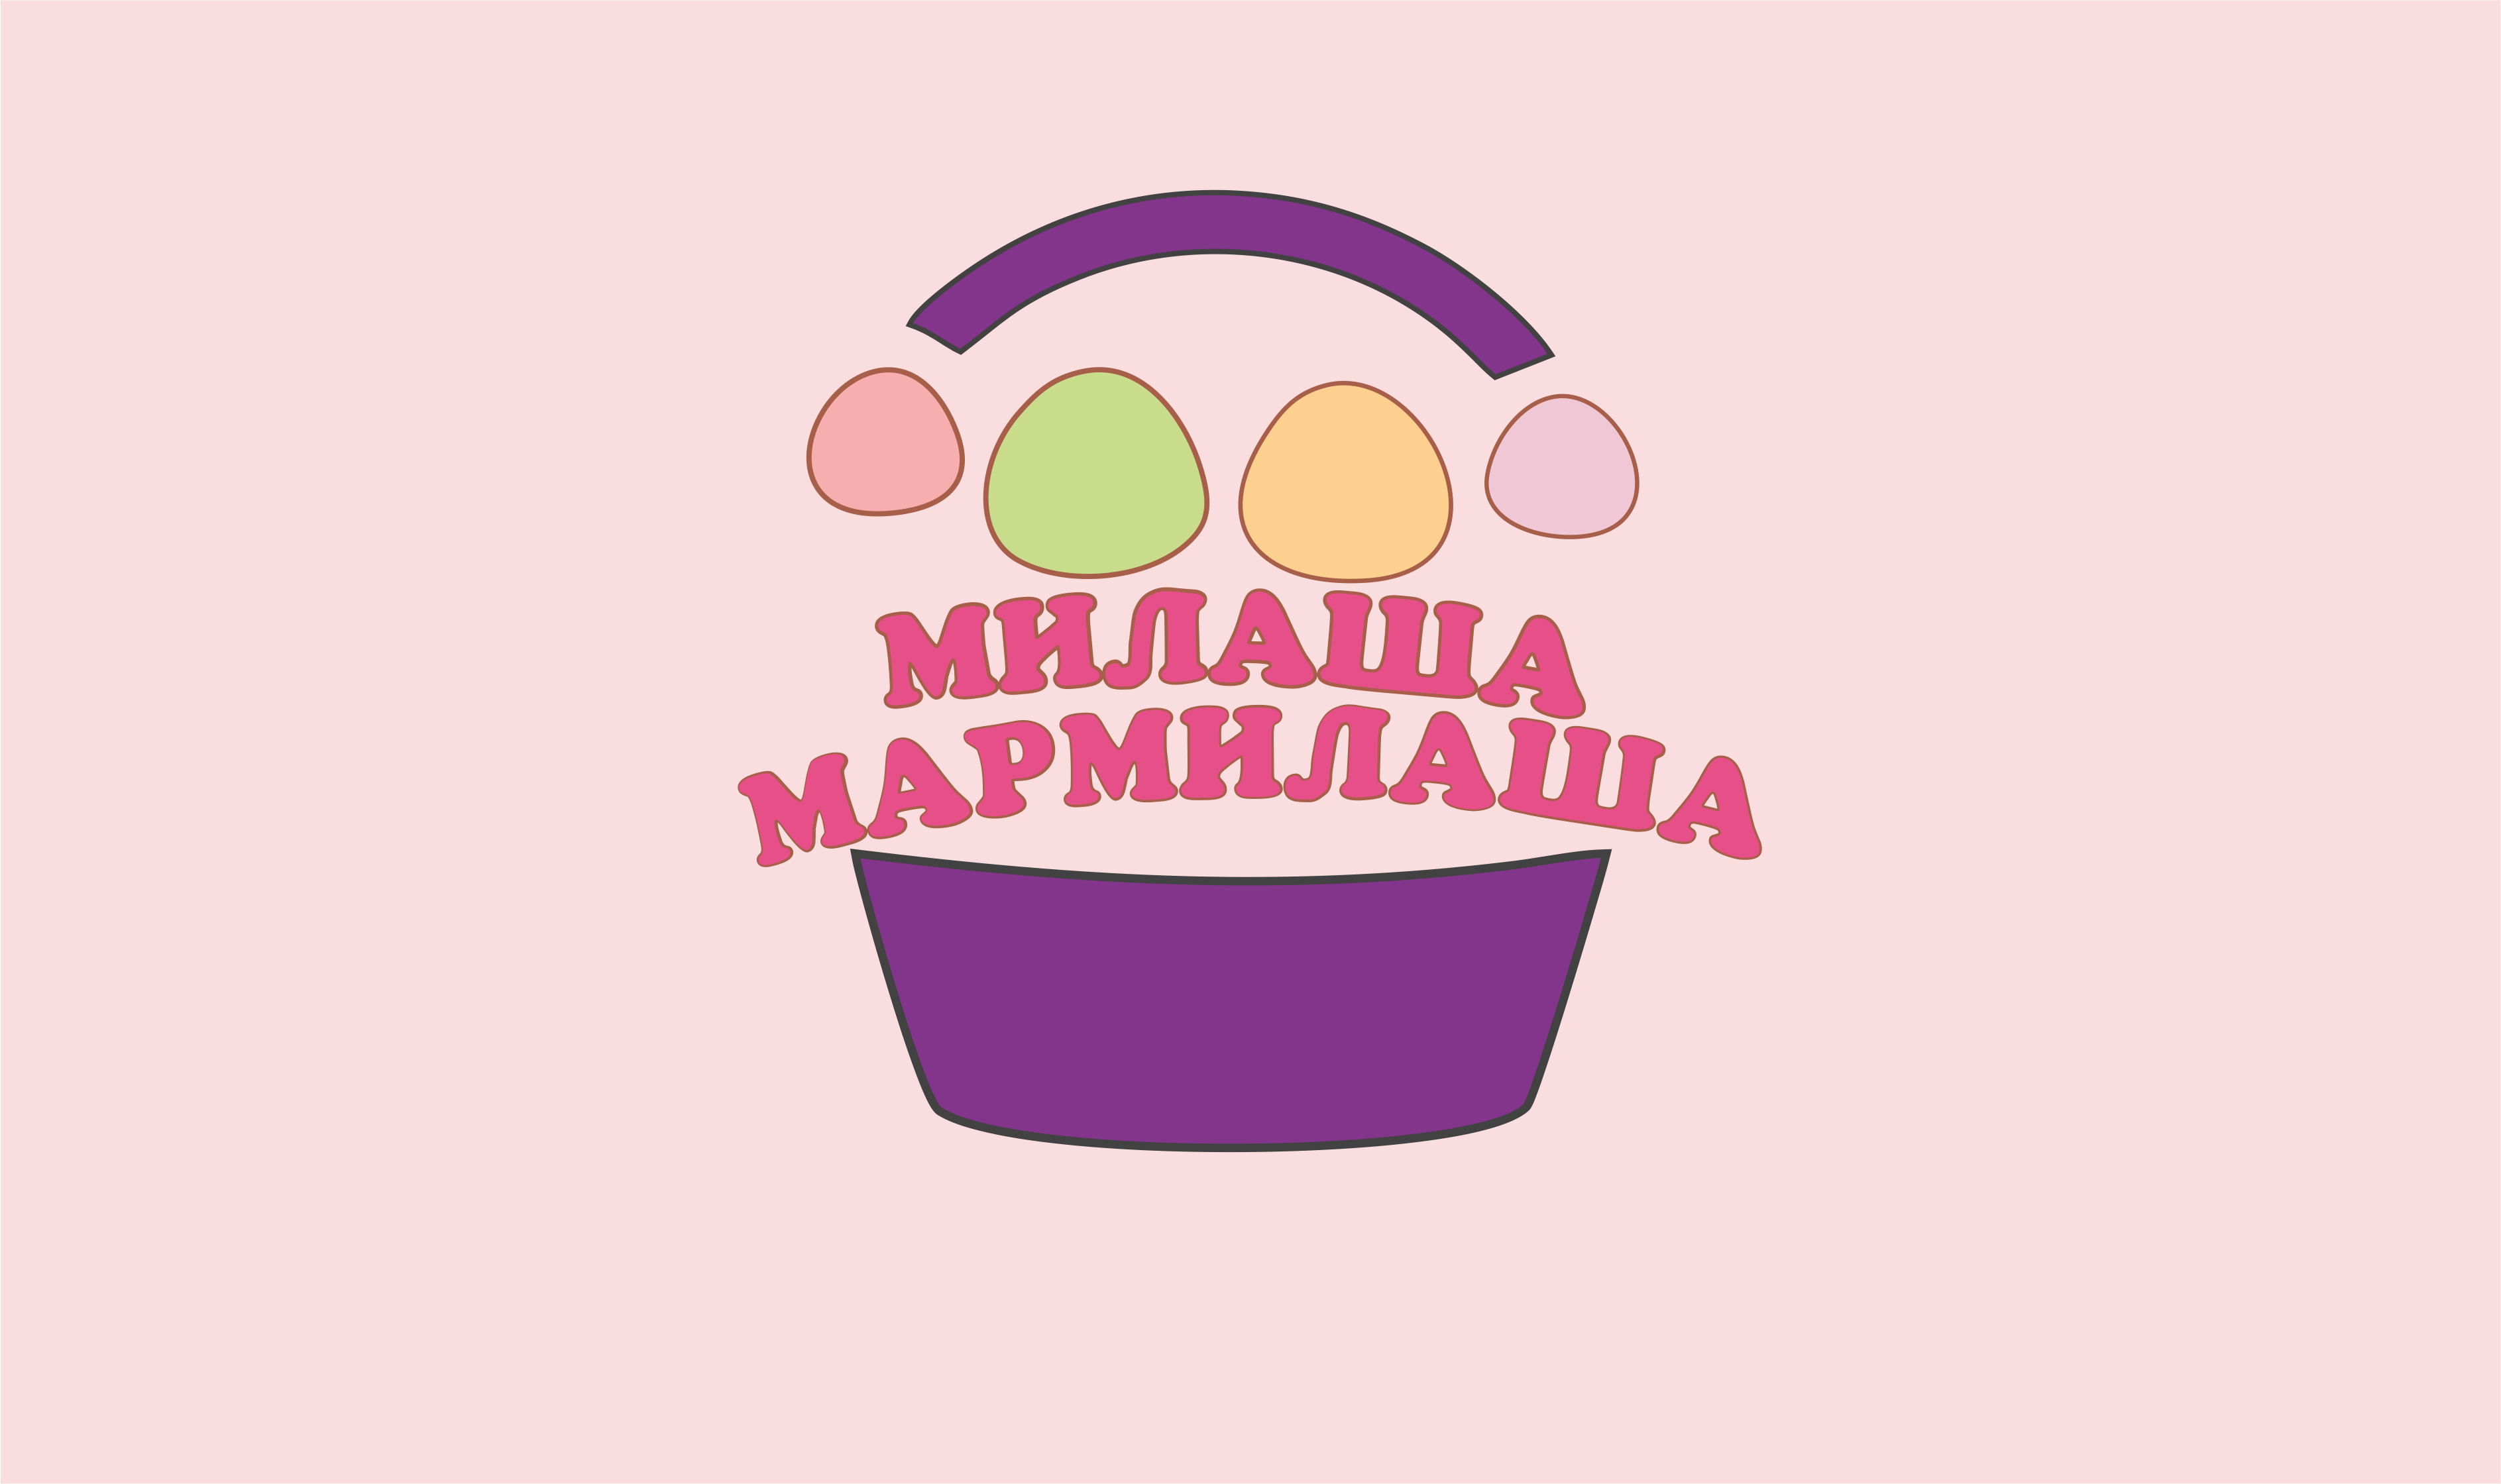 """Логотип для товарного знака """"Милаша-Мармилаша"""" фото f_355587ced4e90209.png"""